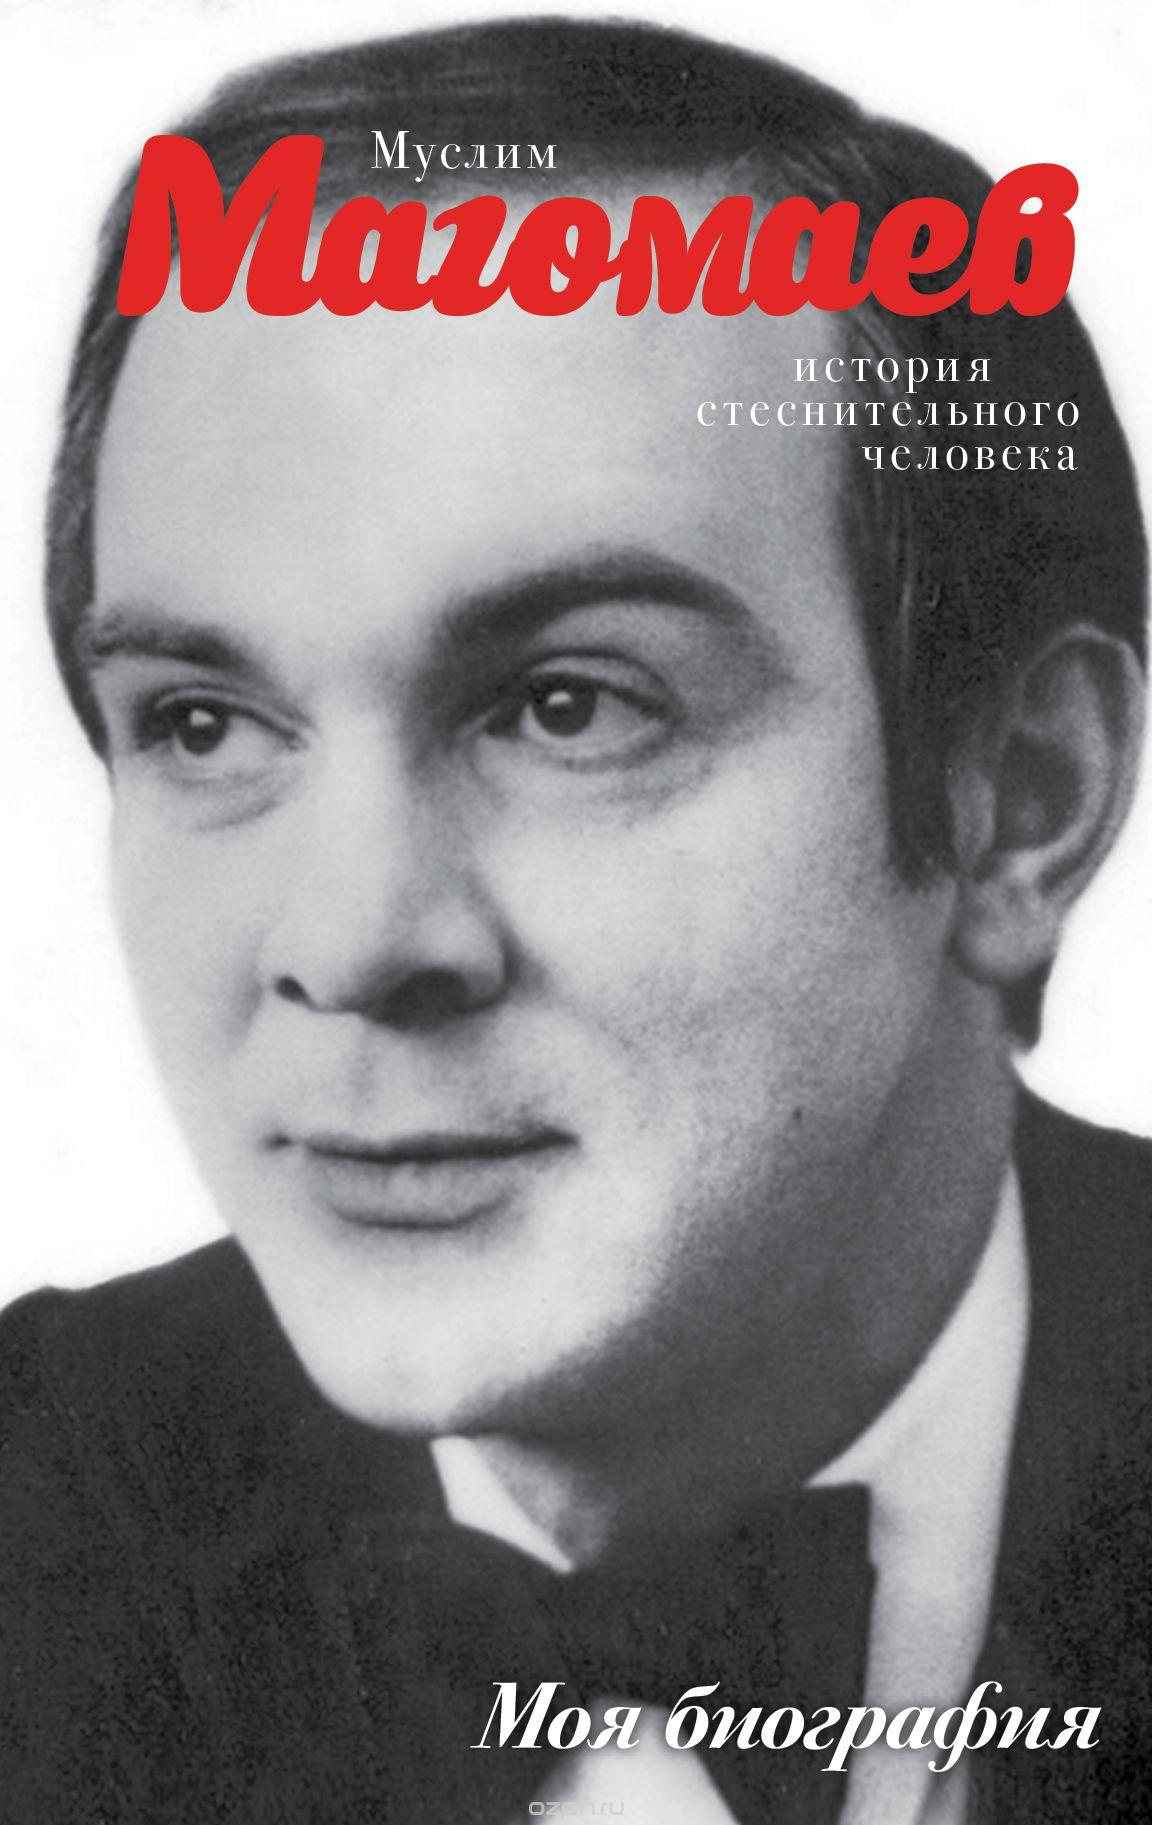 Памятники екатеринбурга гена букин цыганочка 1982 год памятники авторские отечественной дешевые 2018 года в москве